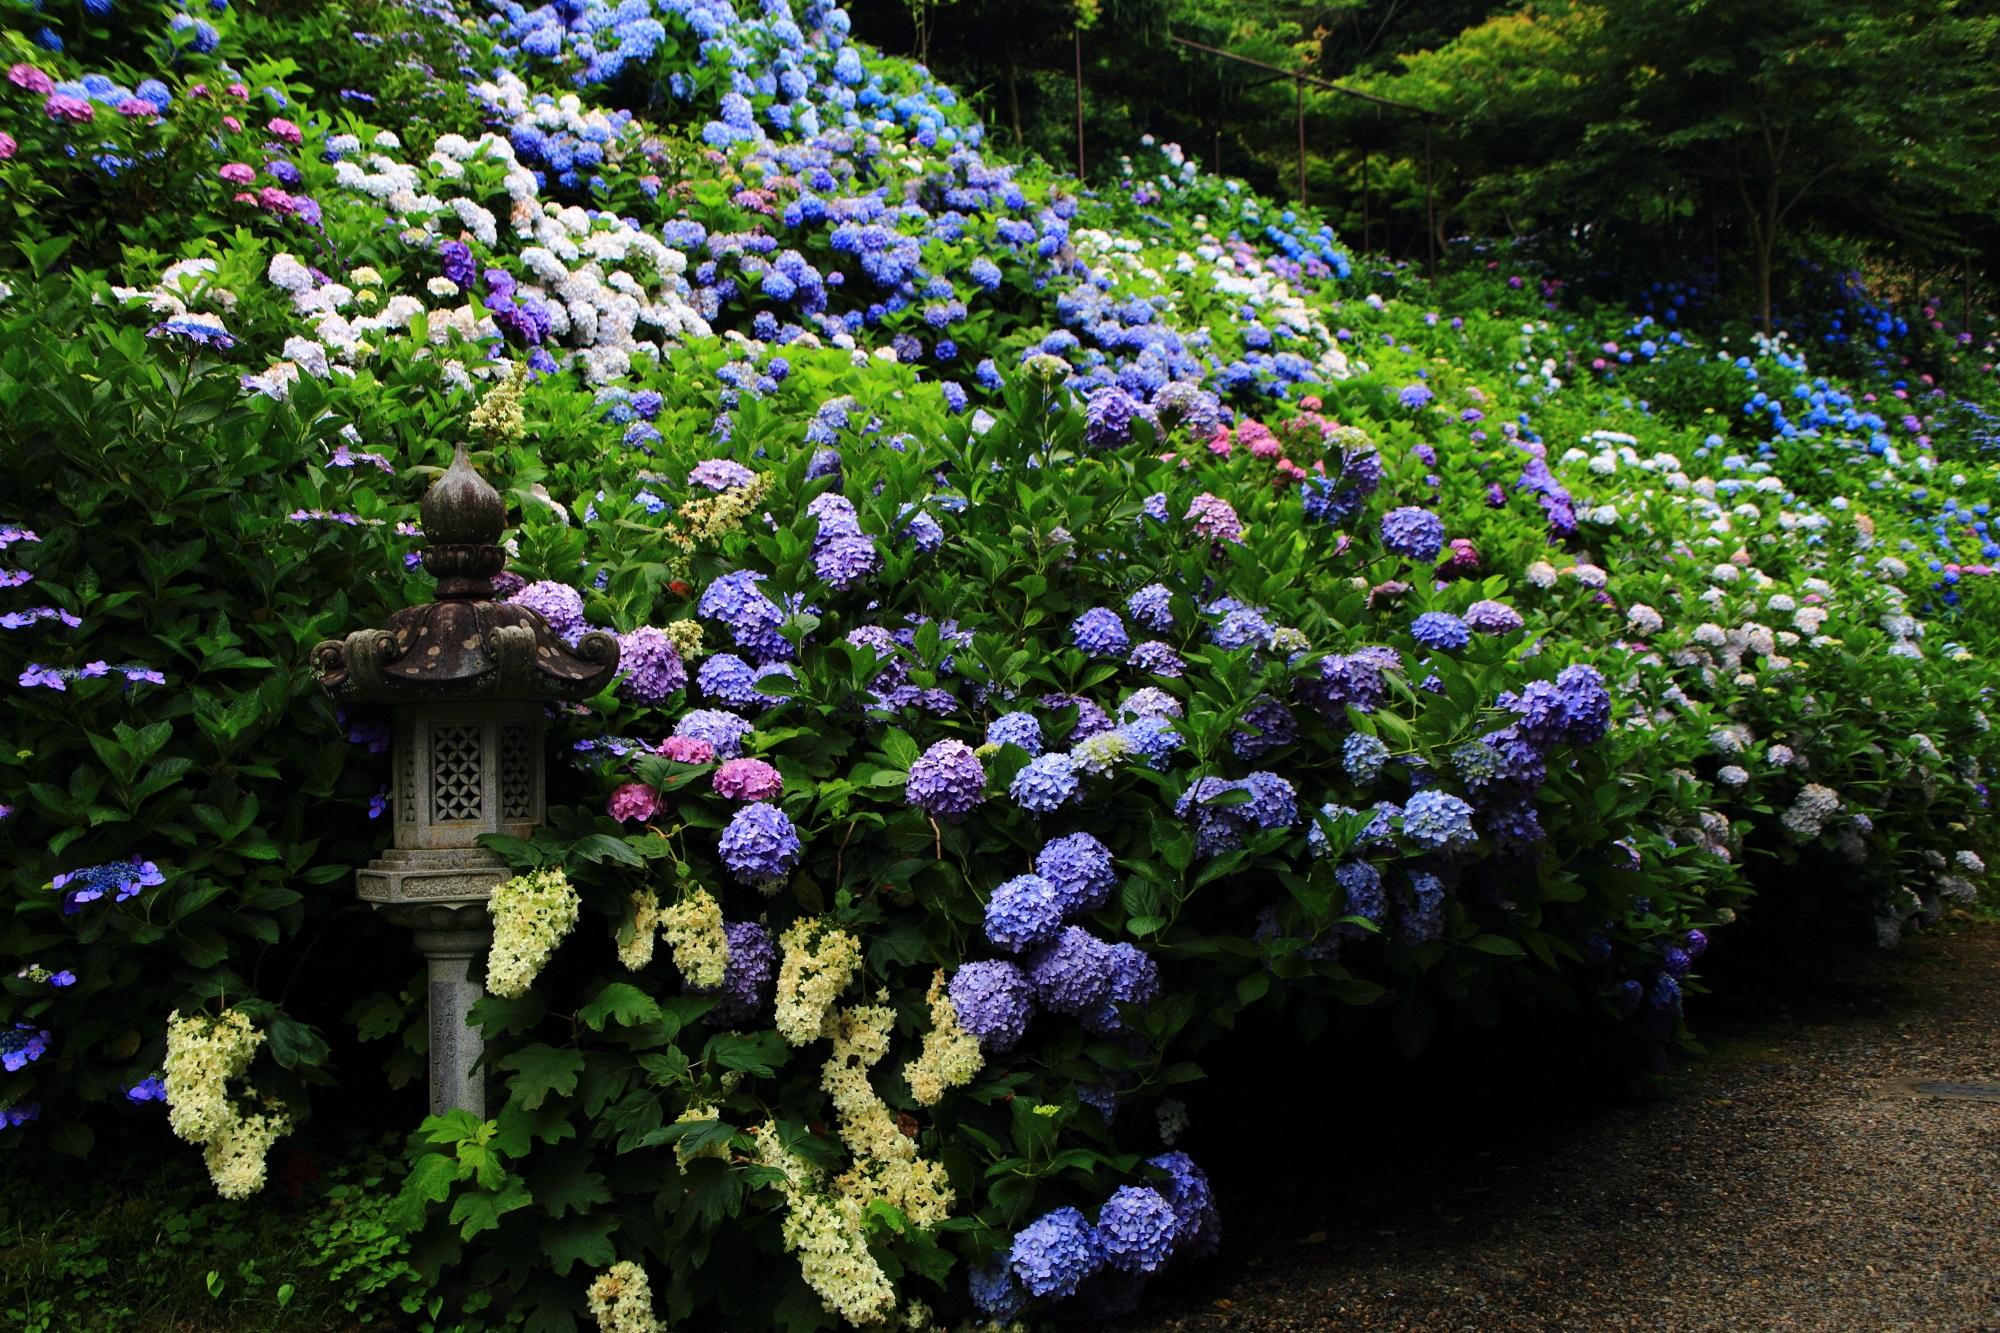 「丹波あじさい寺」とも呼ばれる福知山の丹州観音寺